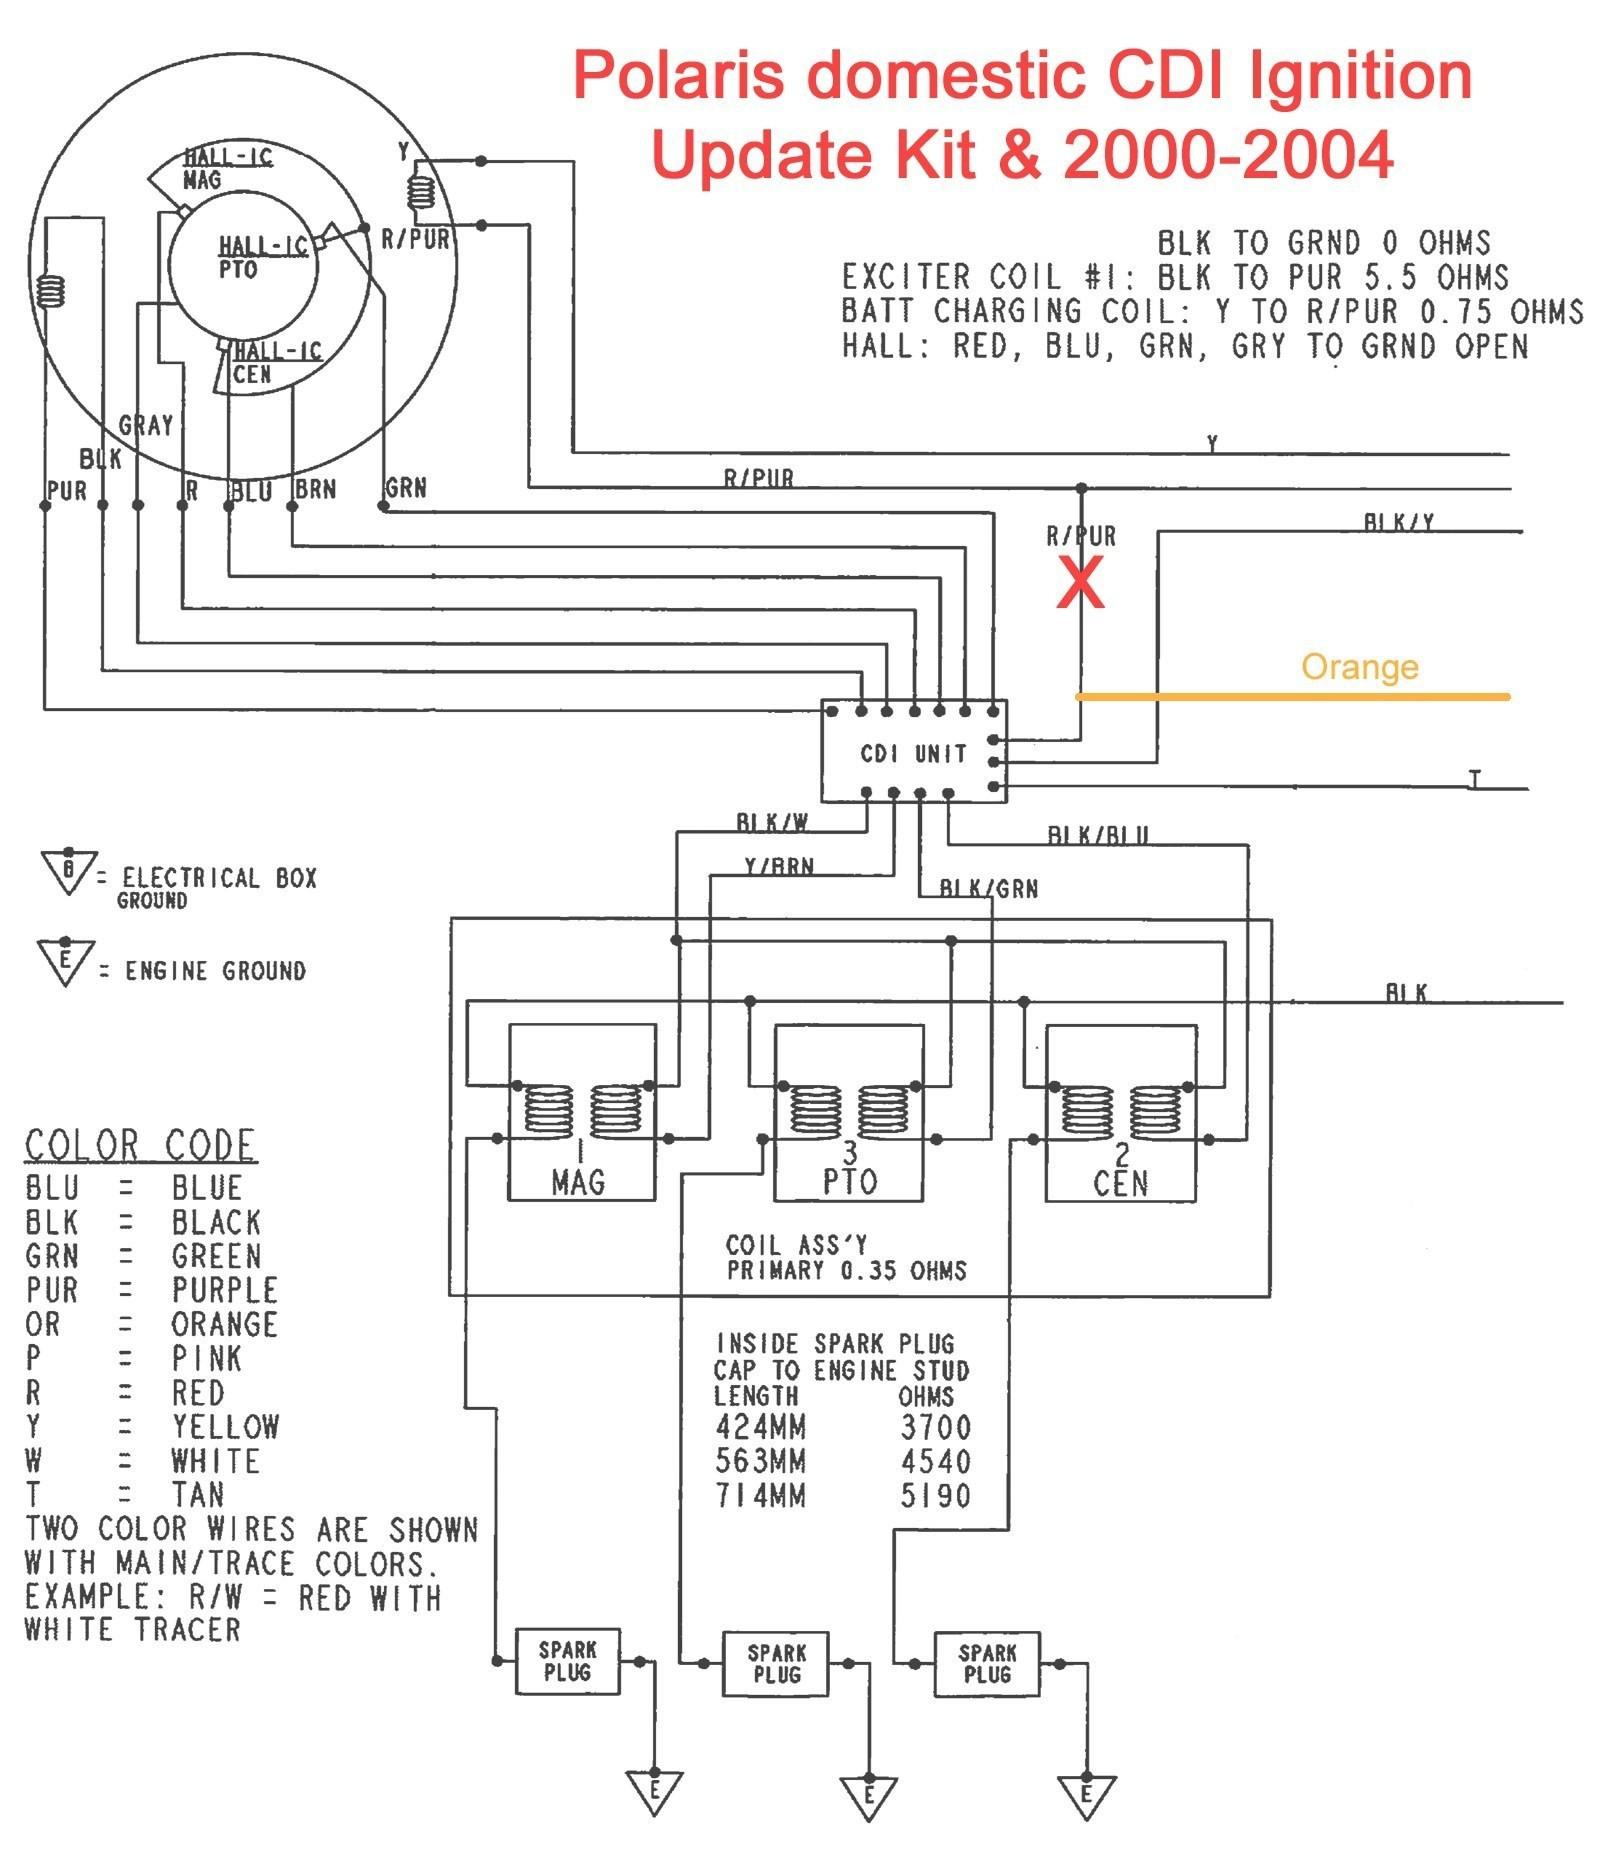 Car Electrical Wiring 2002 Polaris Scrambler 50 Manual Support Jeep Electrical Wir Jeep Scrambler Electrical Wiring